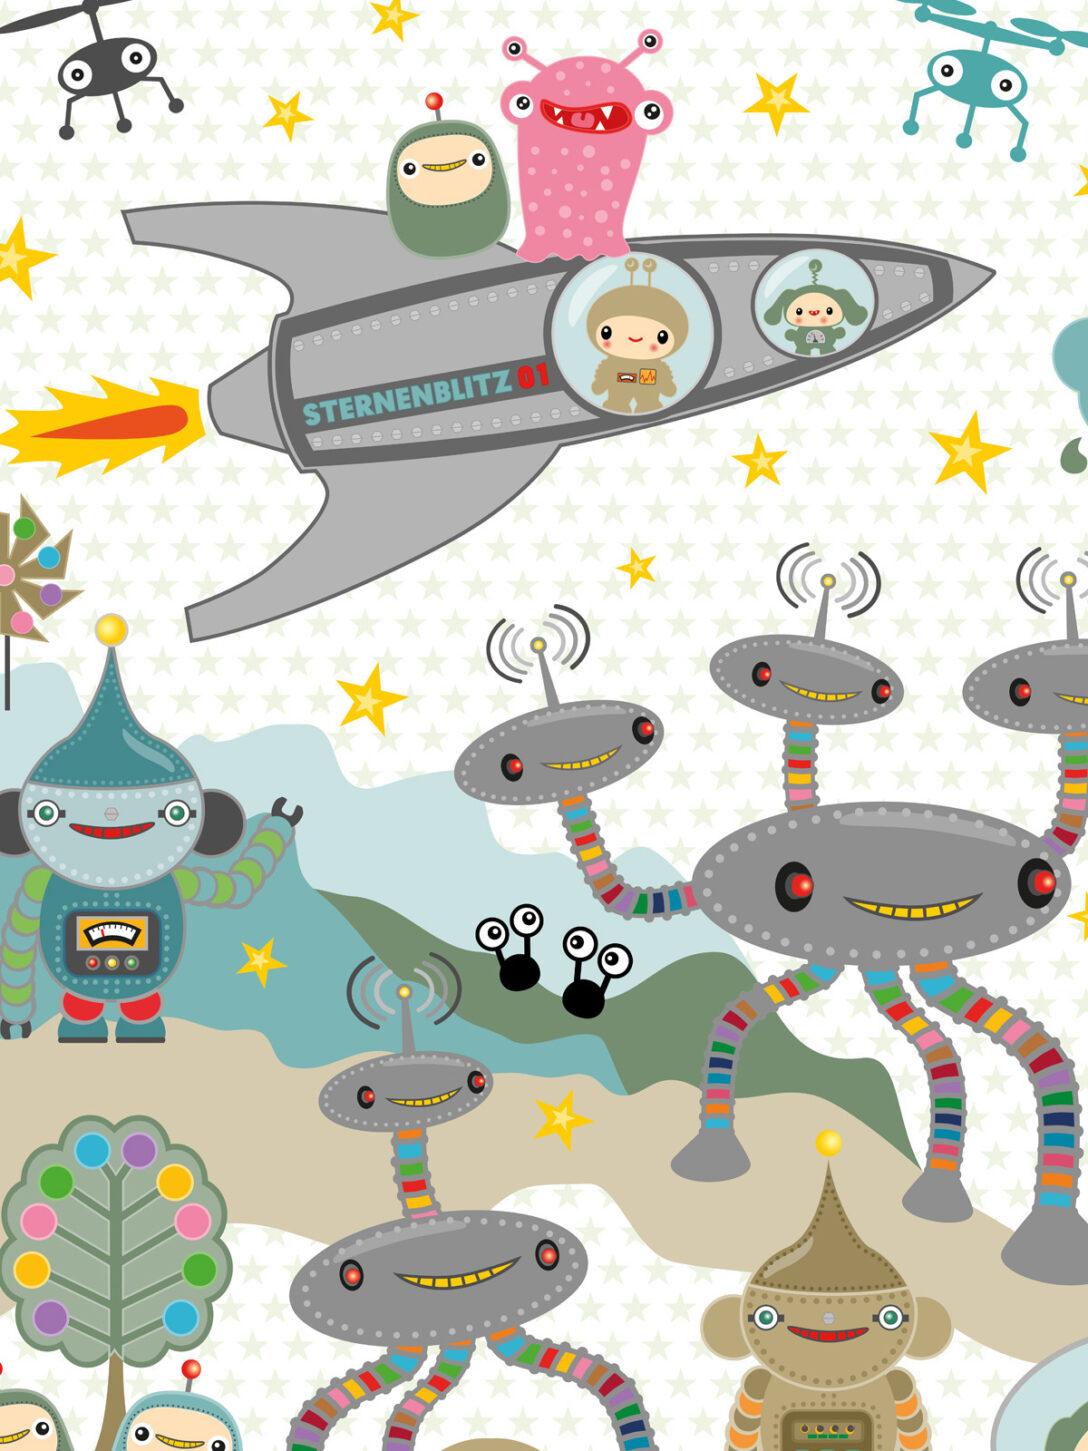 Large Size of Wandbild Kinderzimmer Tapete Sternenblitz Auf Planet Noxy Miyo Mori Sofa Regale Wandbilder Wohnzimmer Schlafzimmer Regal Weiß Kinderzimmer Wandbild Kinderzimmer